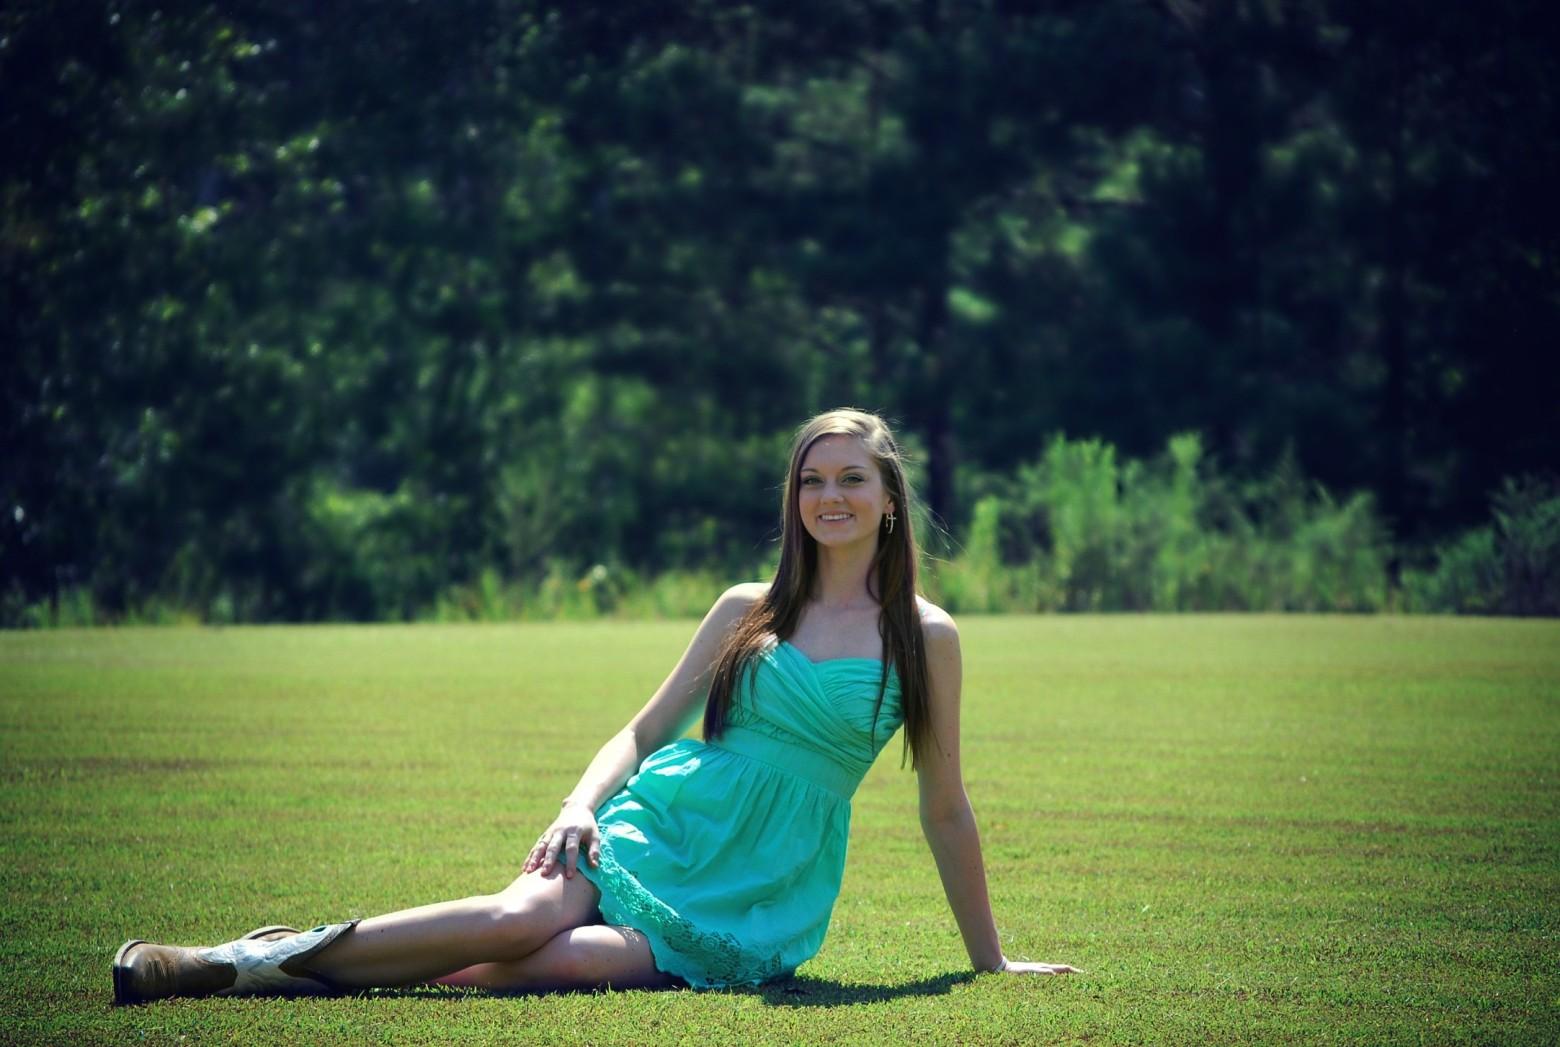 Model De Jeune Fille : Jeune fille adolescente jolie assise sur l herbe images